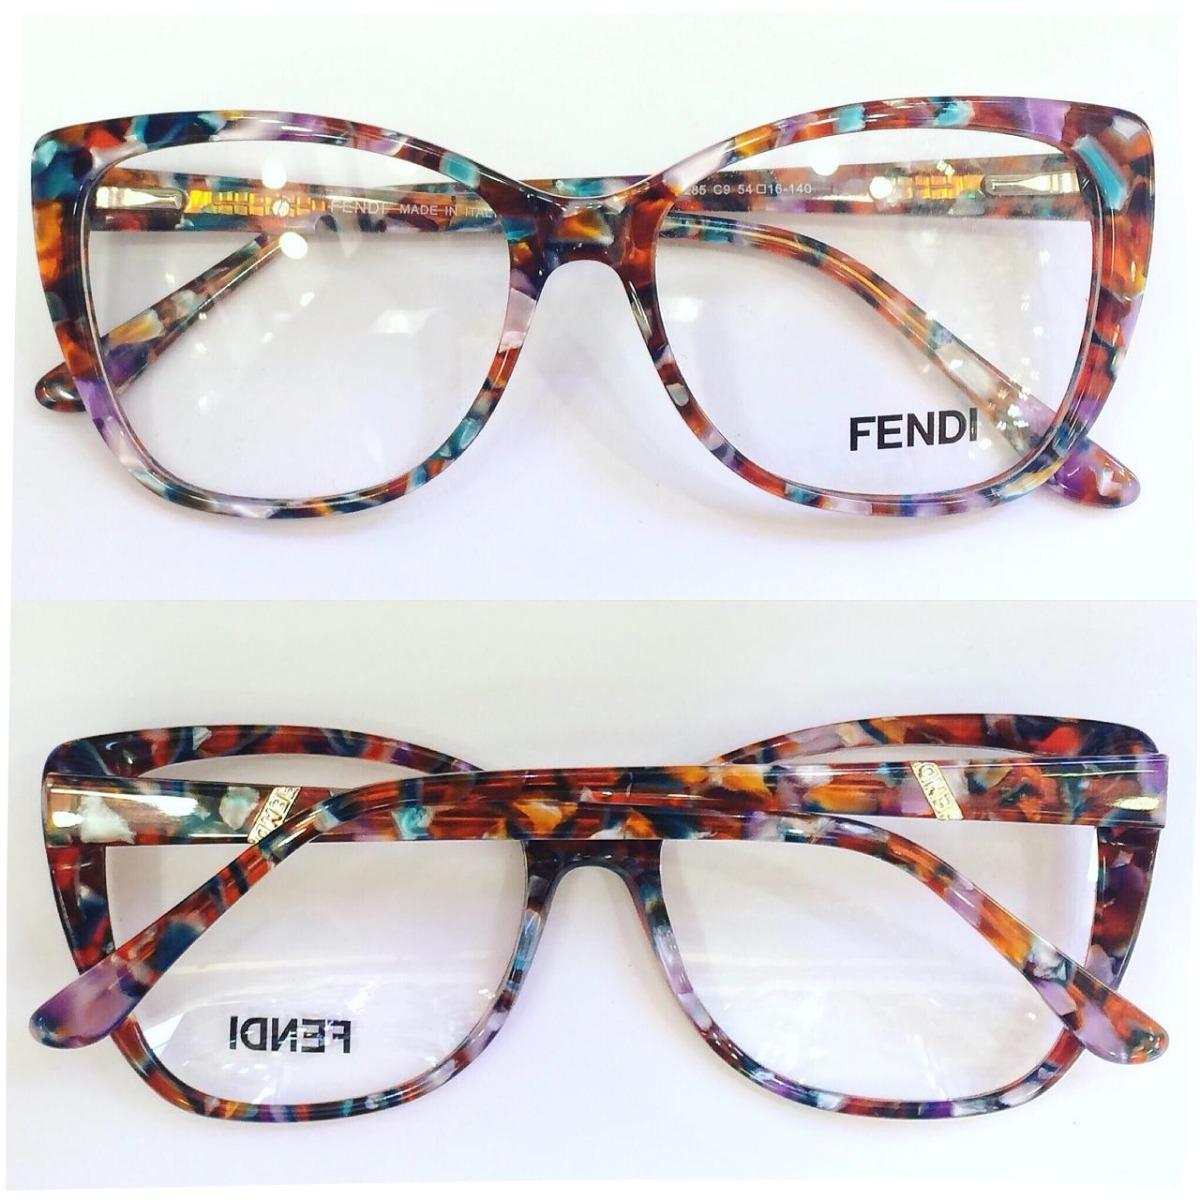 caed89cfe1e55 armação oculos p  grau feminina gatinho acetato fe8 original. Carregando  zoom.